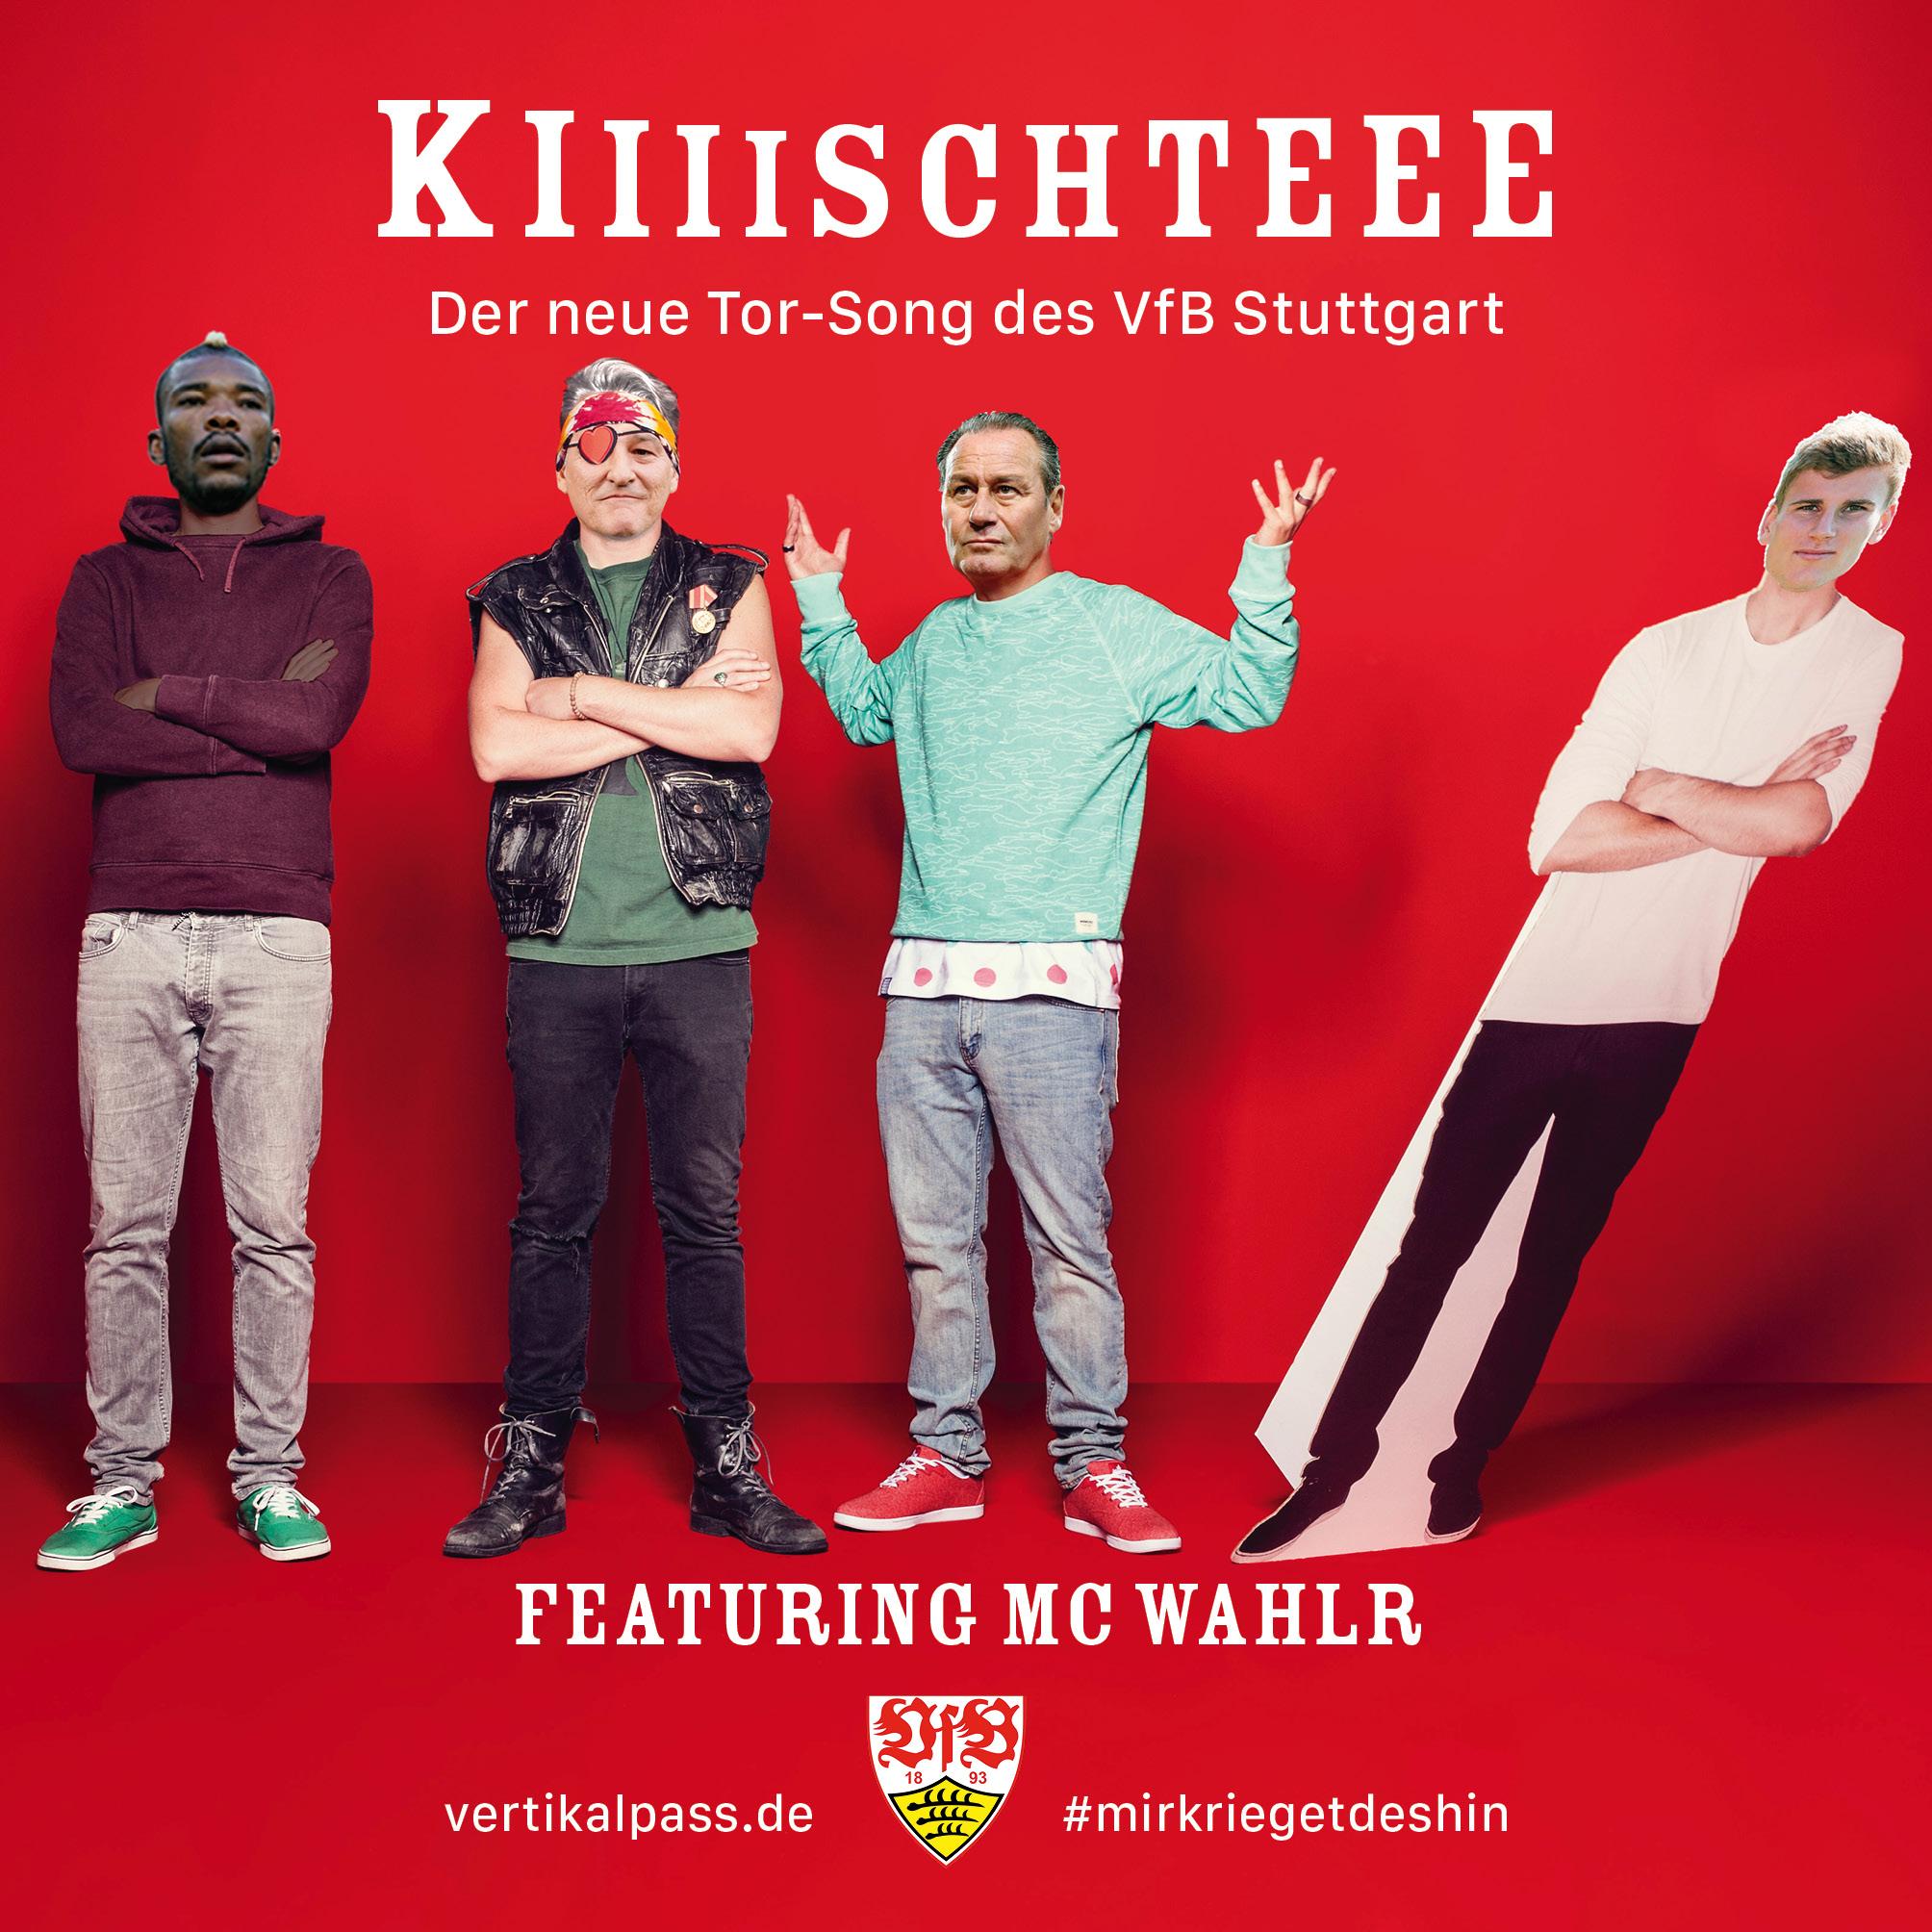 """Das Cover von """"Kiiiiiiiiischteee"""" featuring MC Wahlr, inspiriert von den Orsons (Chimperator), erhältlich nur als Vinyl."""